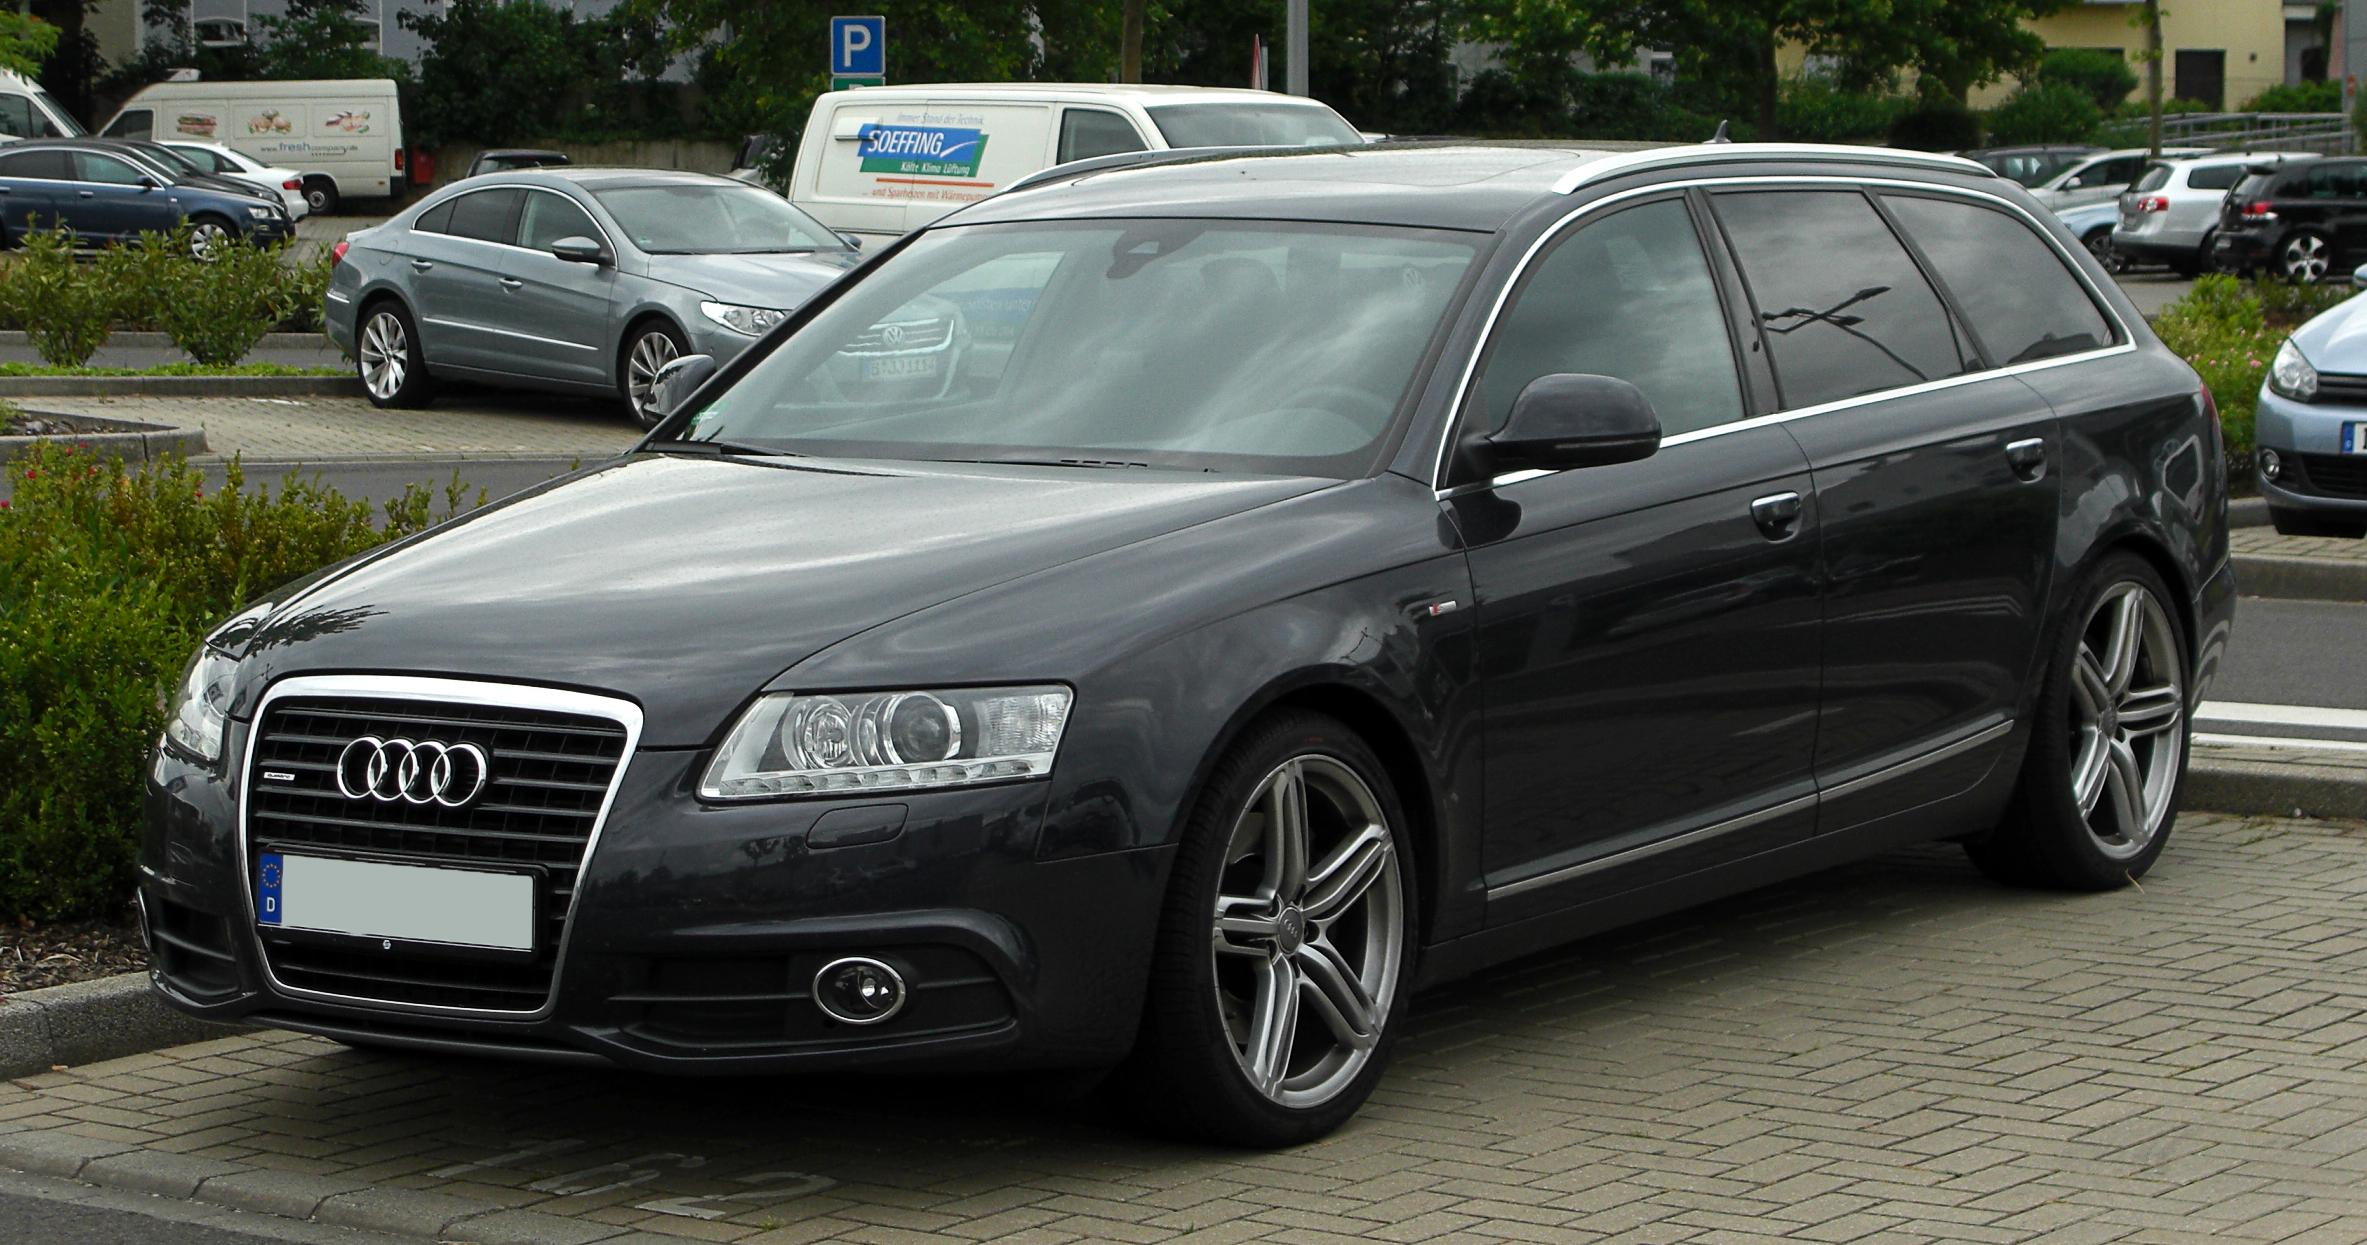 Audi A6 Klub Polska Audi A6 R Nice Pomi Dzy Wersj